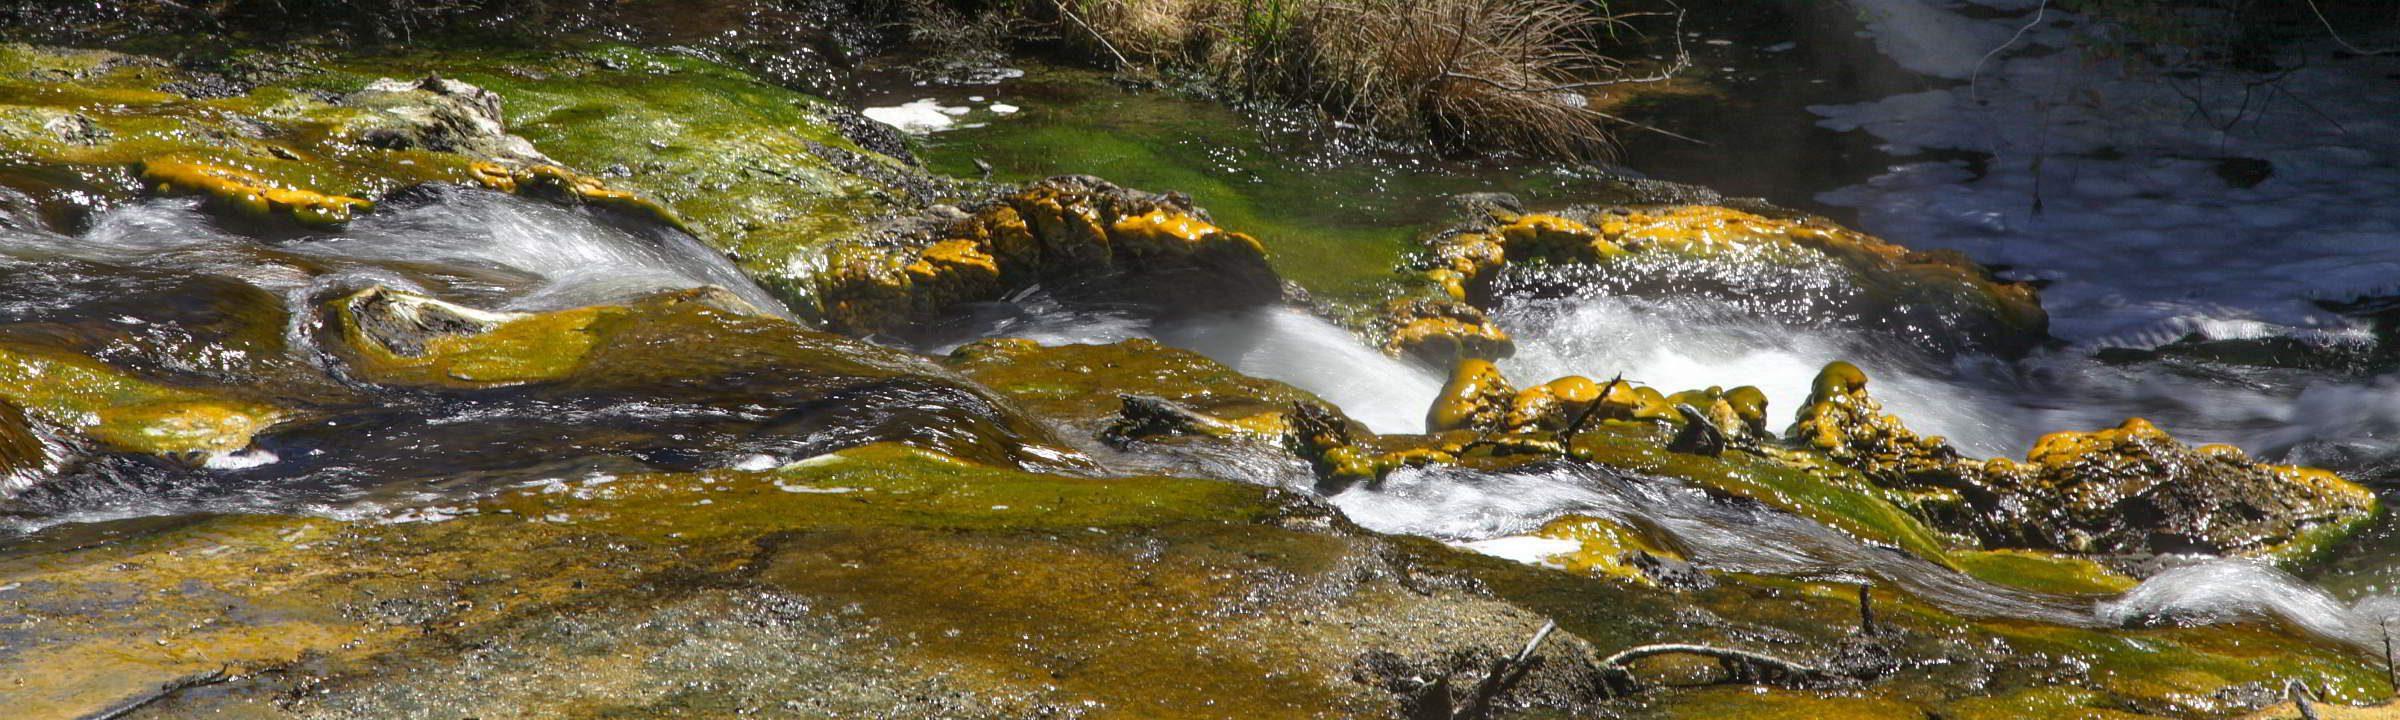 Zerstörte Schönheit: Waimangu Volcanic Valley